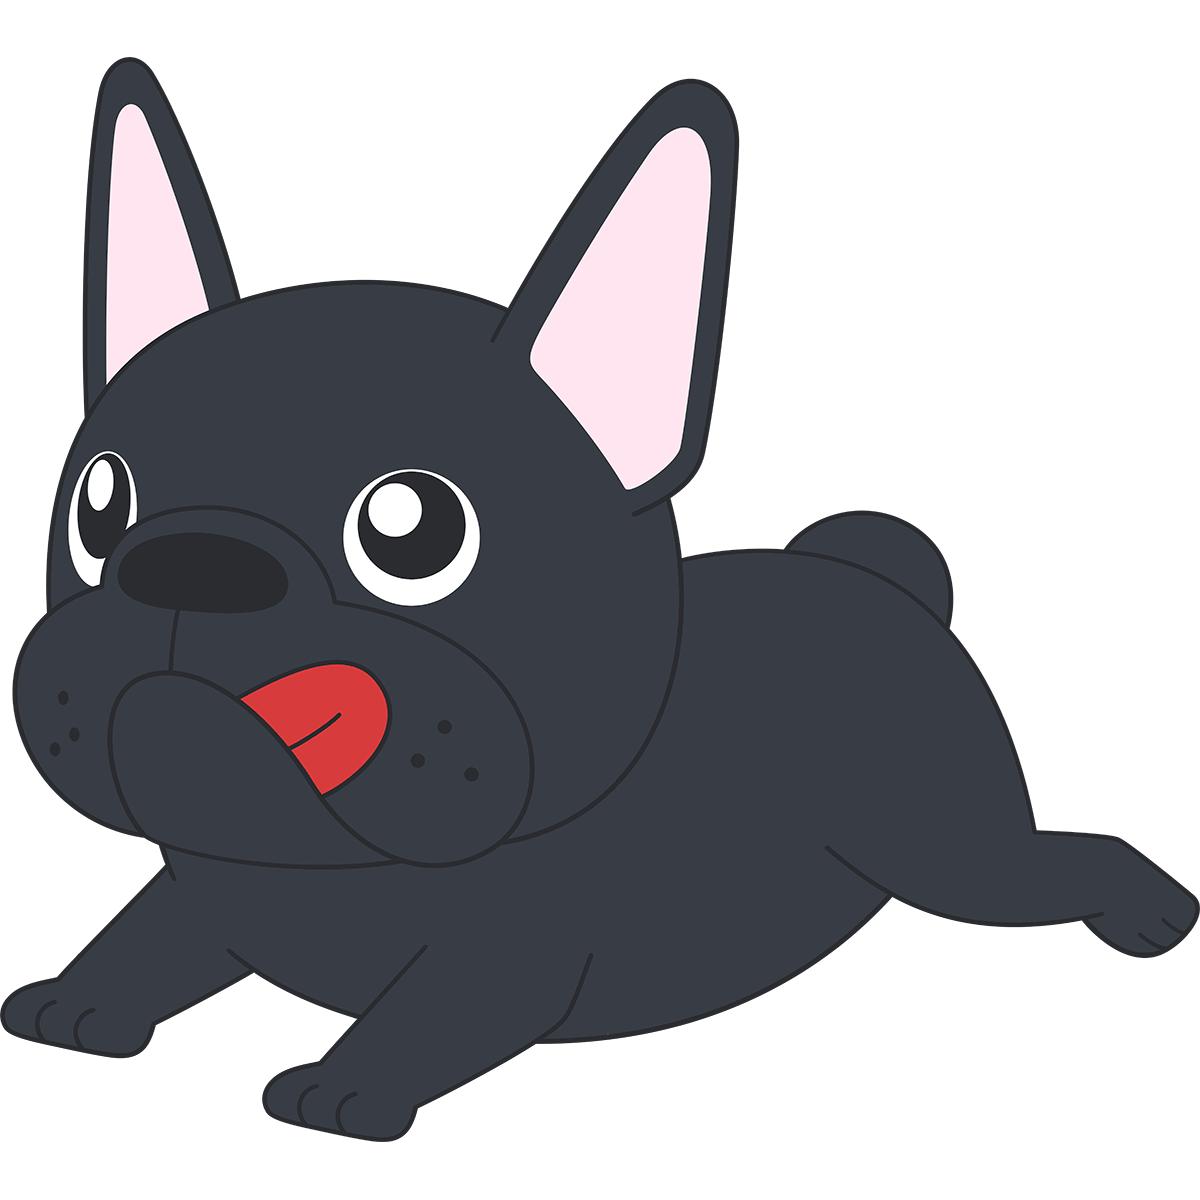 走るフレンチブルドッグ(黒)の無料イラスト